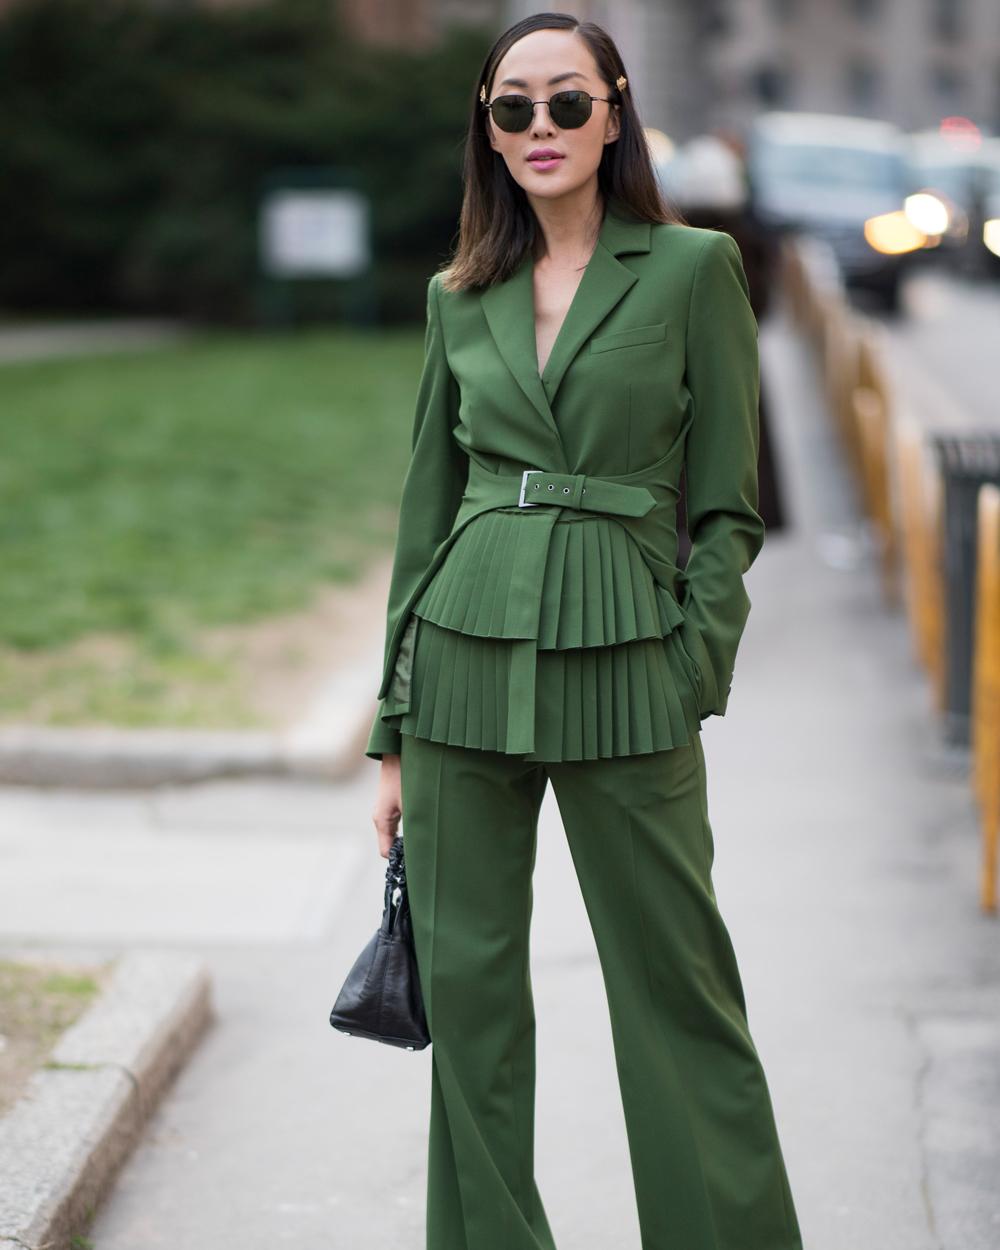 chriselle green pant suit